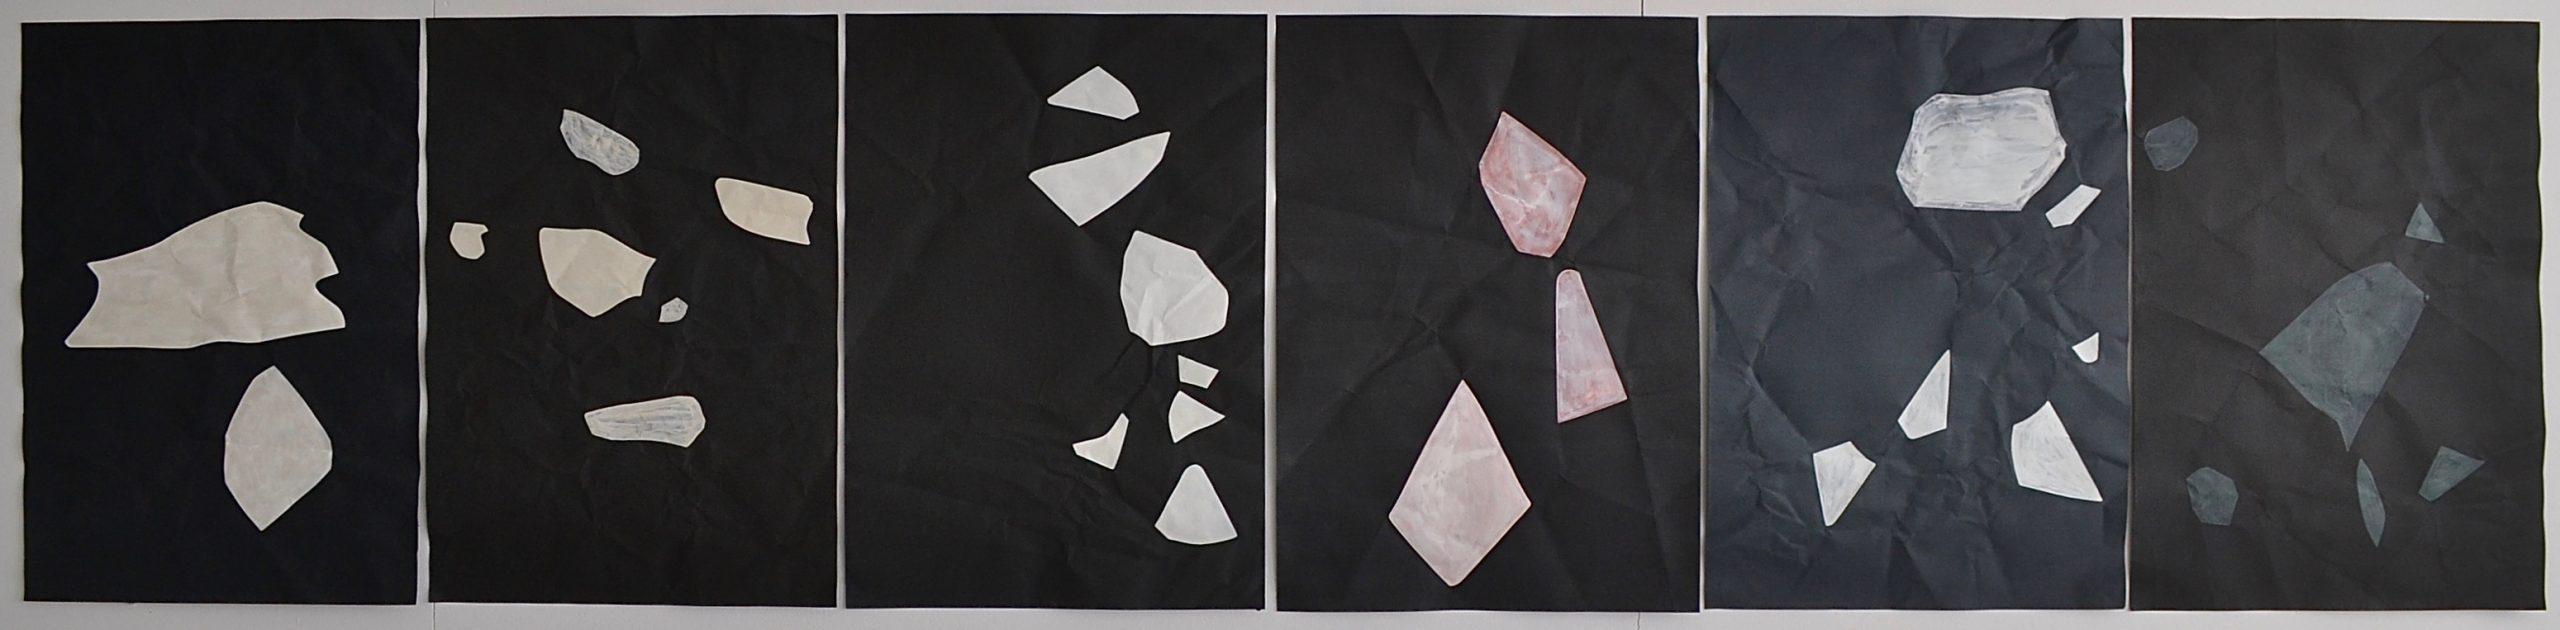 The Other Side of The Darkness, series of double-sided paintings, pages 1, 3, 5, 7, 9 and 11 // Pimeän toisella puolella on pimeä, sarja kaksipuolisia maalauksia, sivut 1, 3, 5, 7, 9 ja 11; 2020, chalk paint and acrylic on paper, à 60 x 42 cm